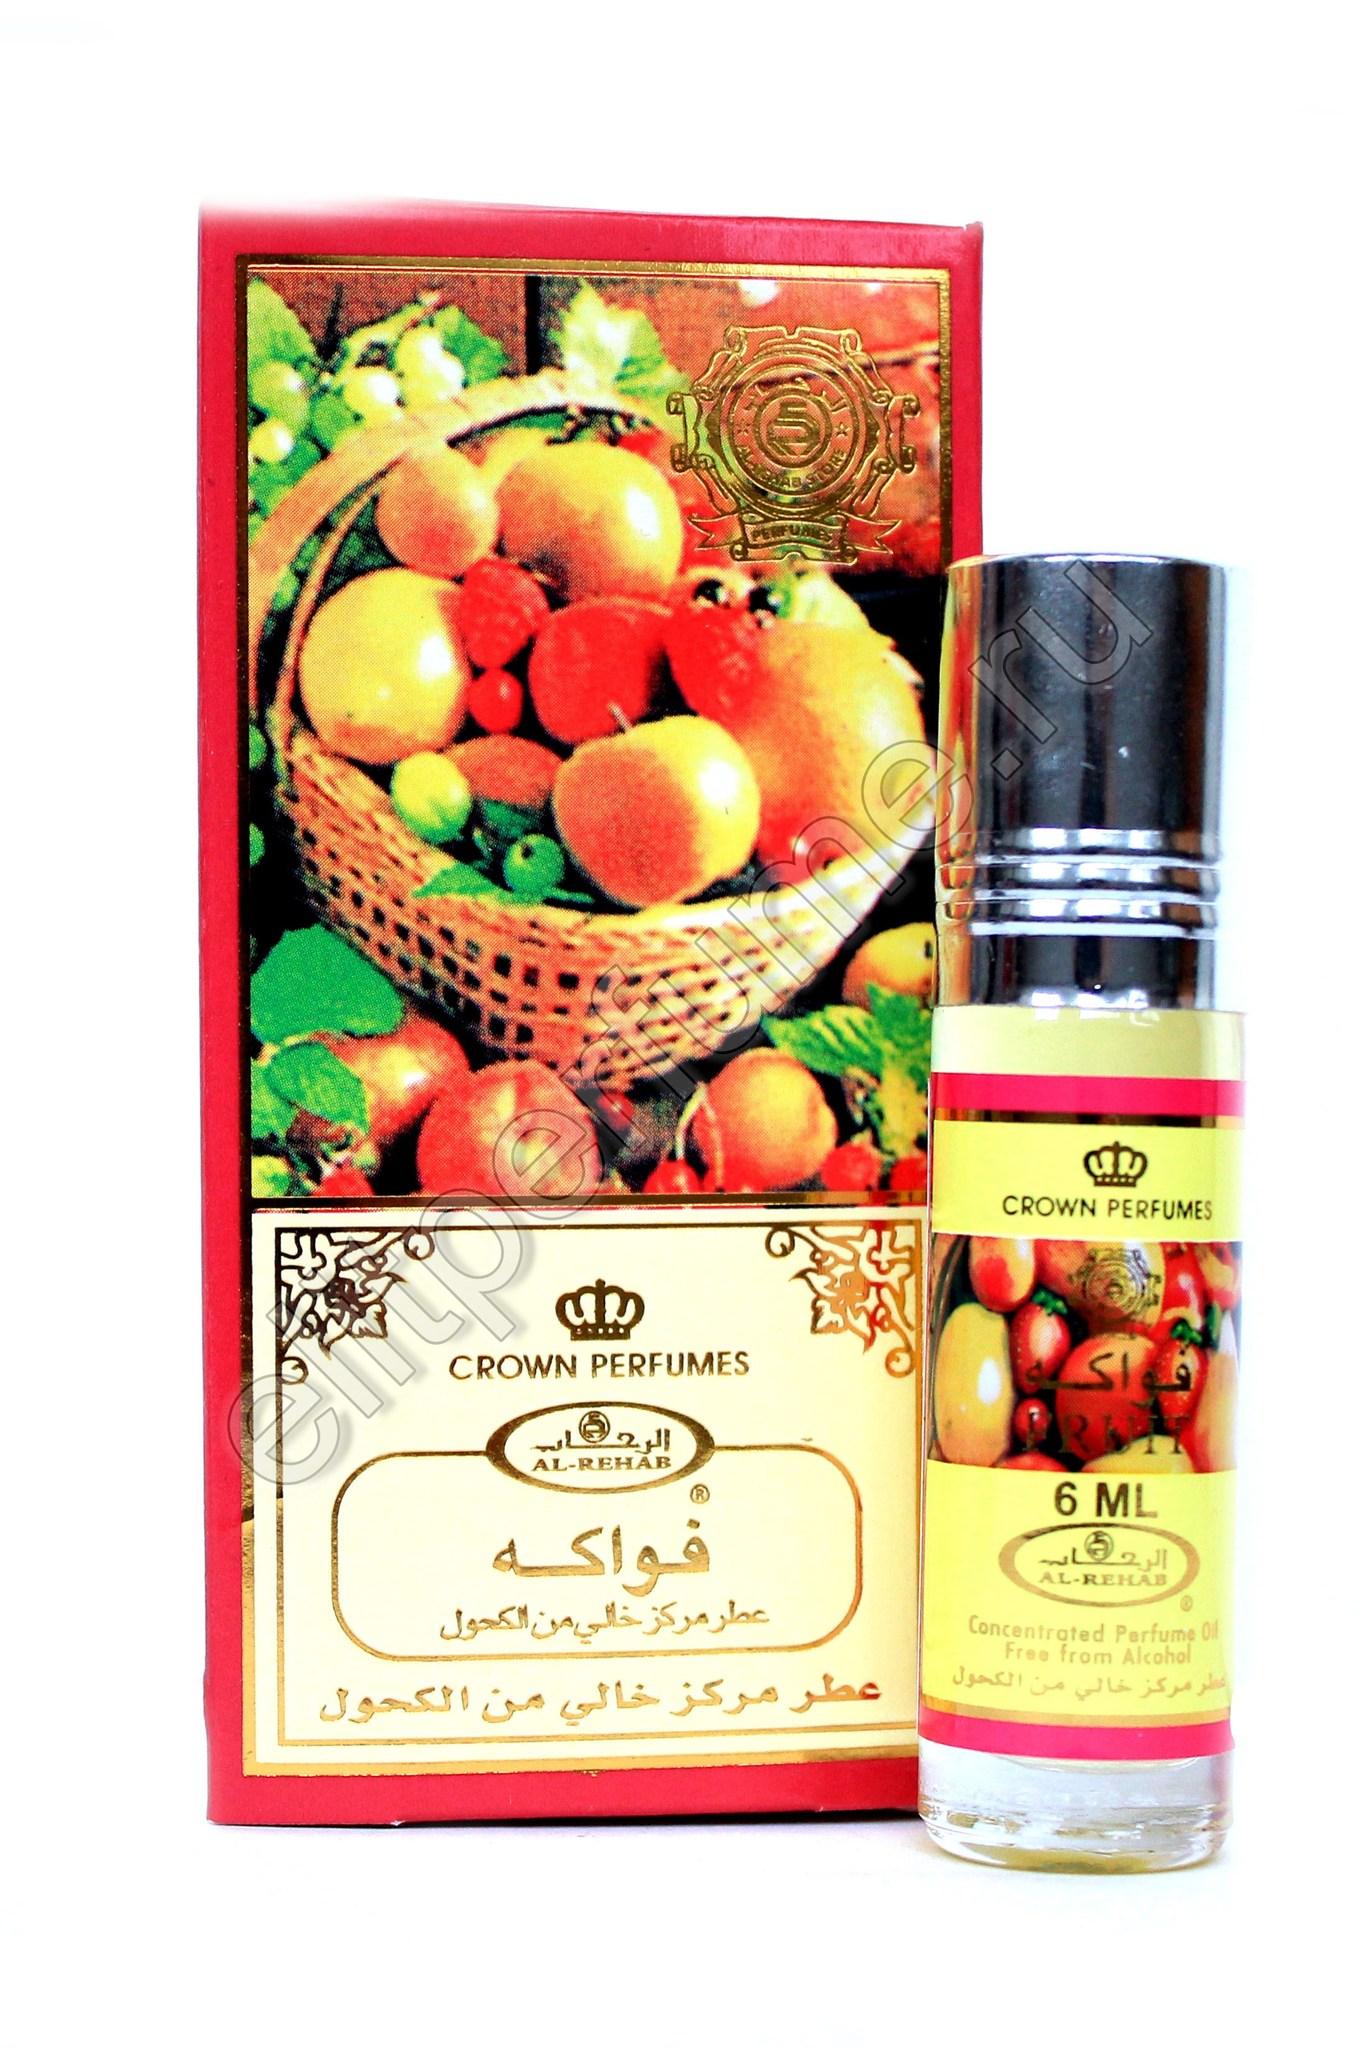 Fruit Фрукт 6 мл арабские масляные духи от Аль Рехаб Al Rehab